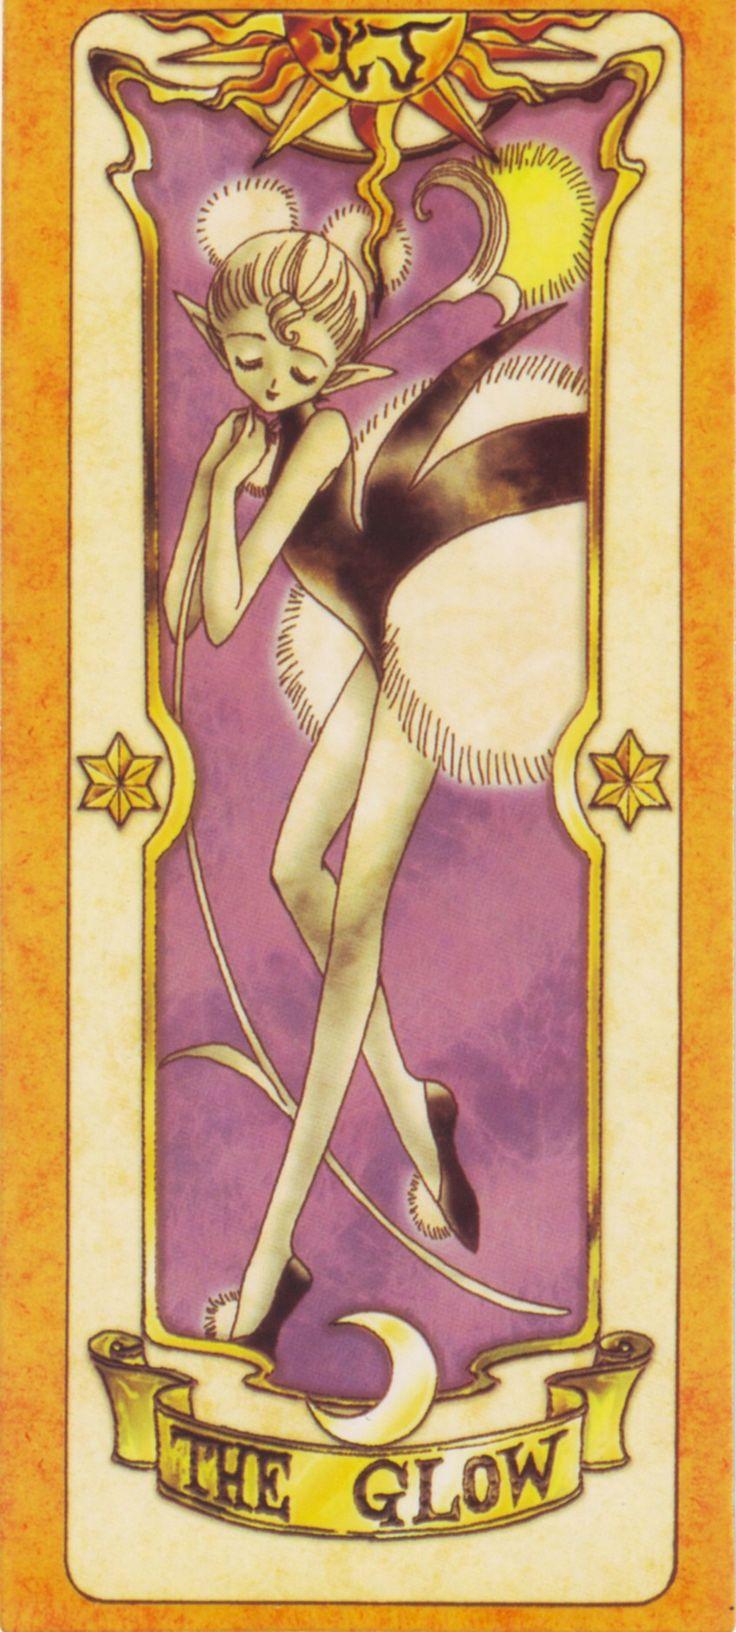 Clow Cards (Cardcaptor Sakura) - The Glow